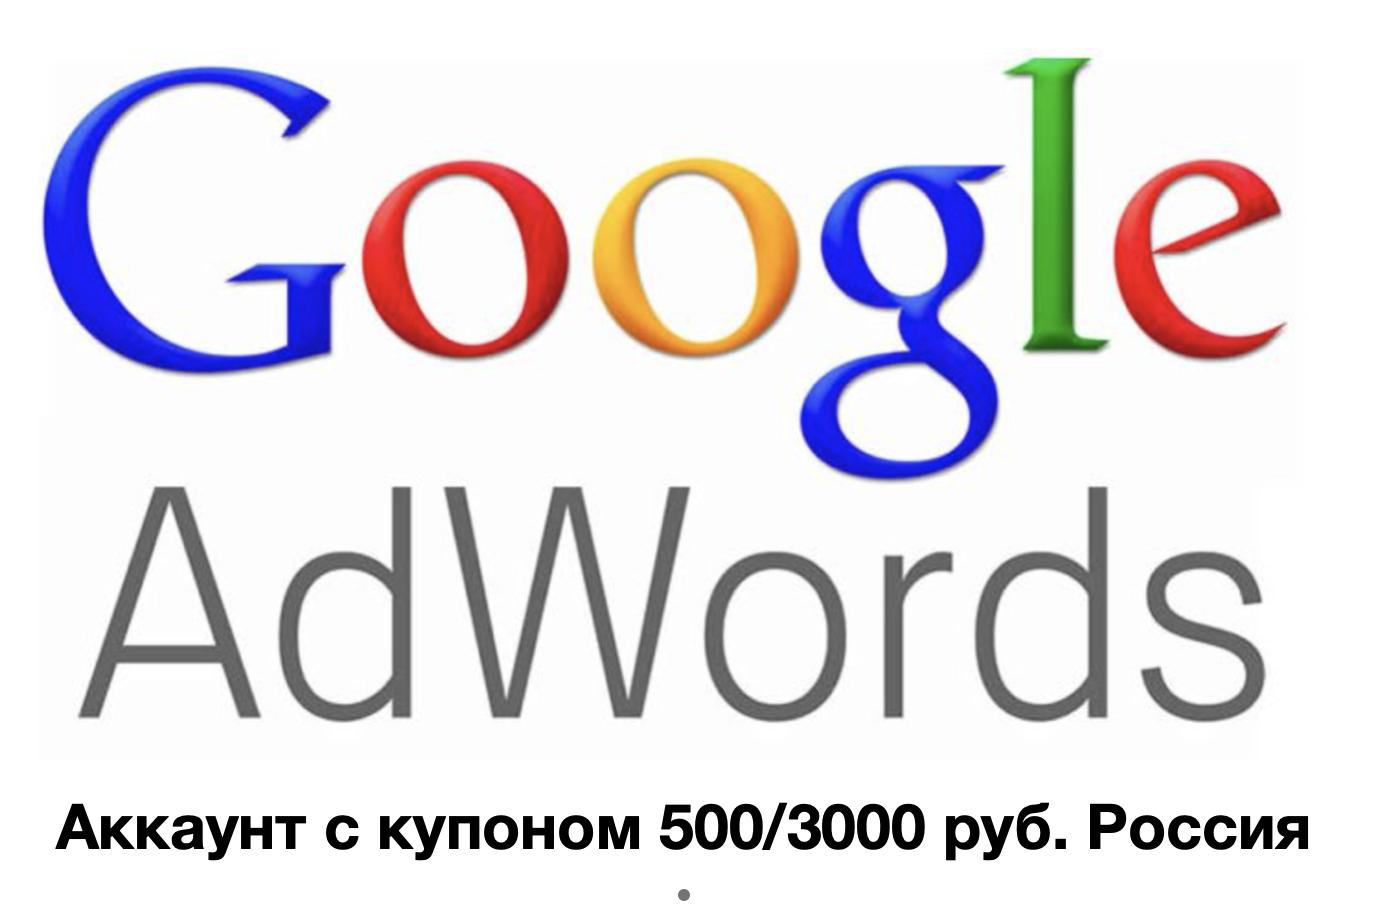 Фотография аккаунт adwords с активным купоном 500/3000 руб. россия